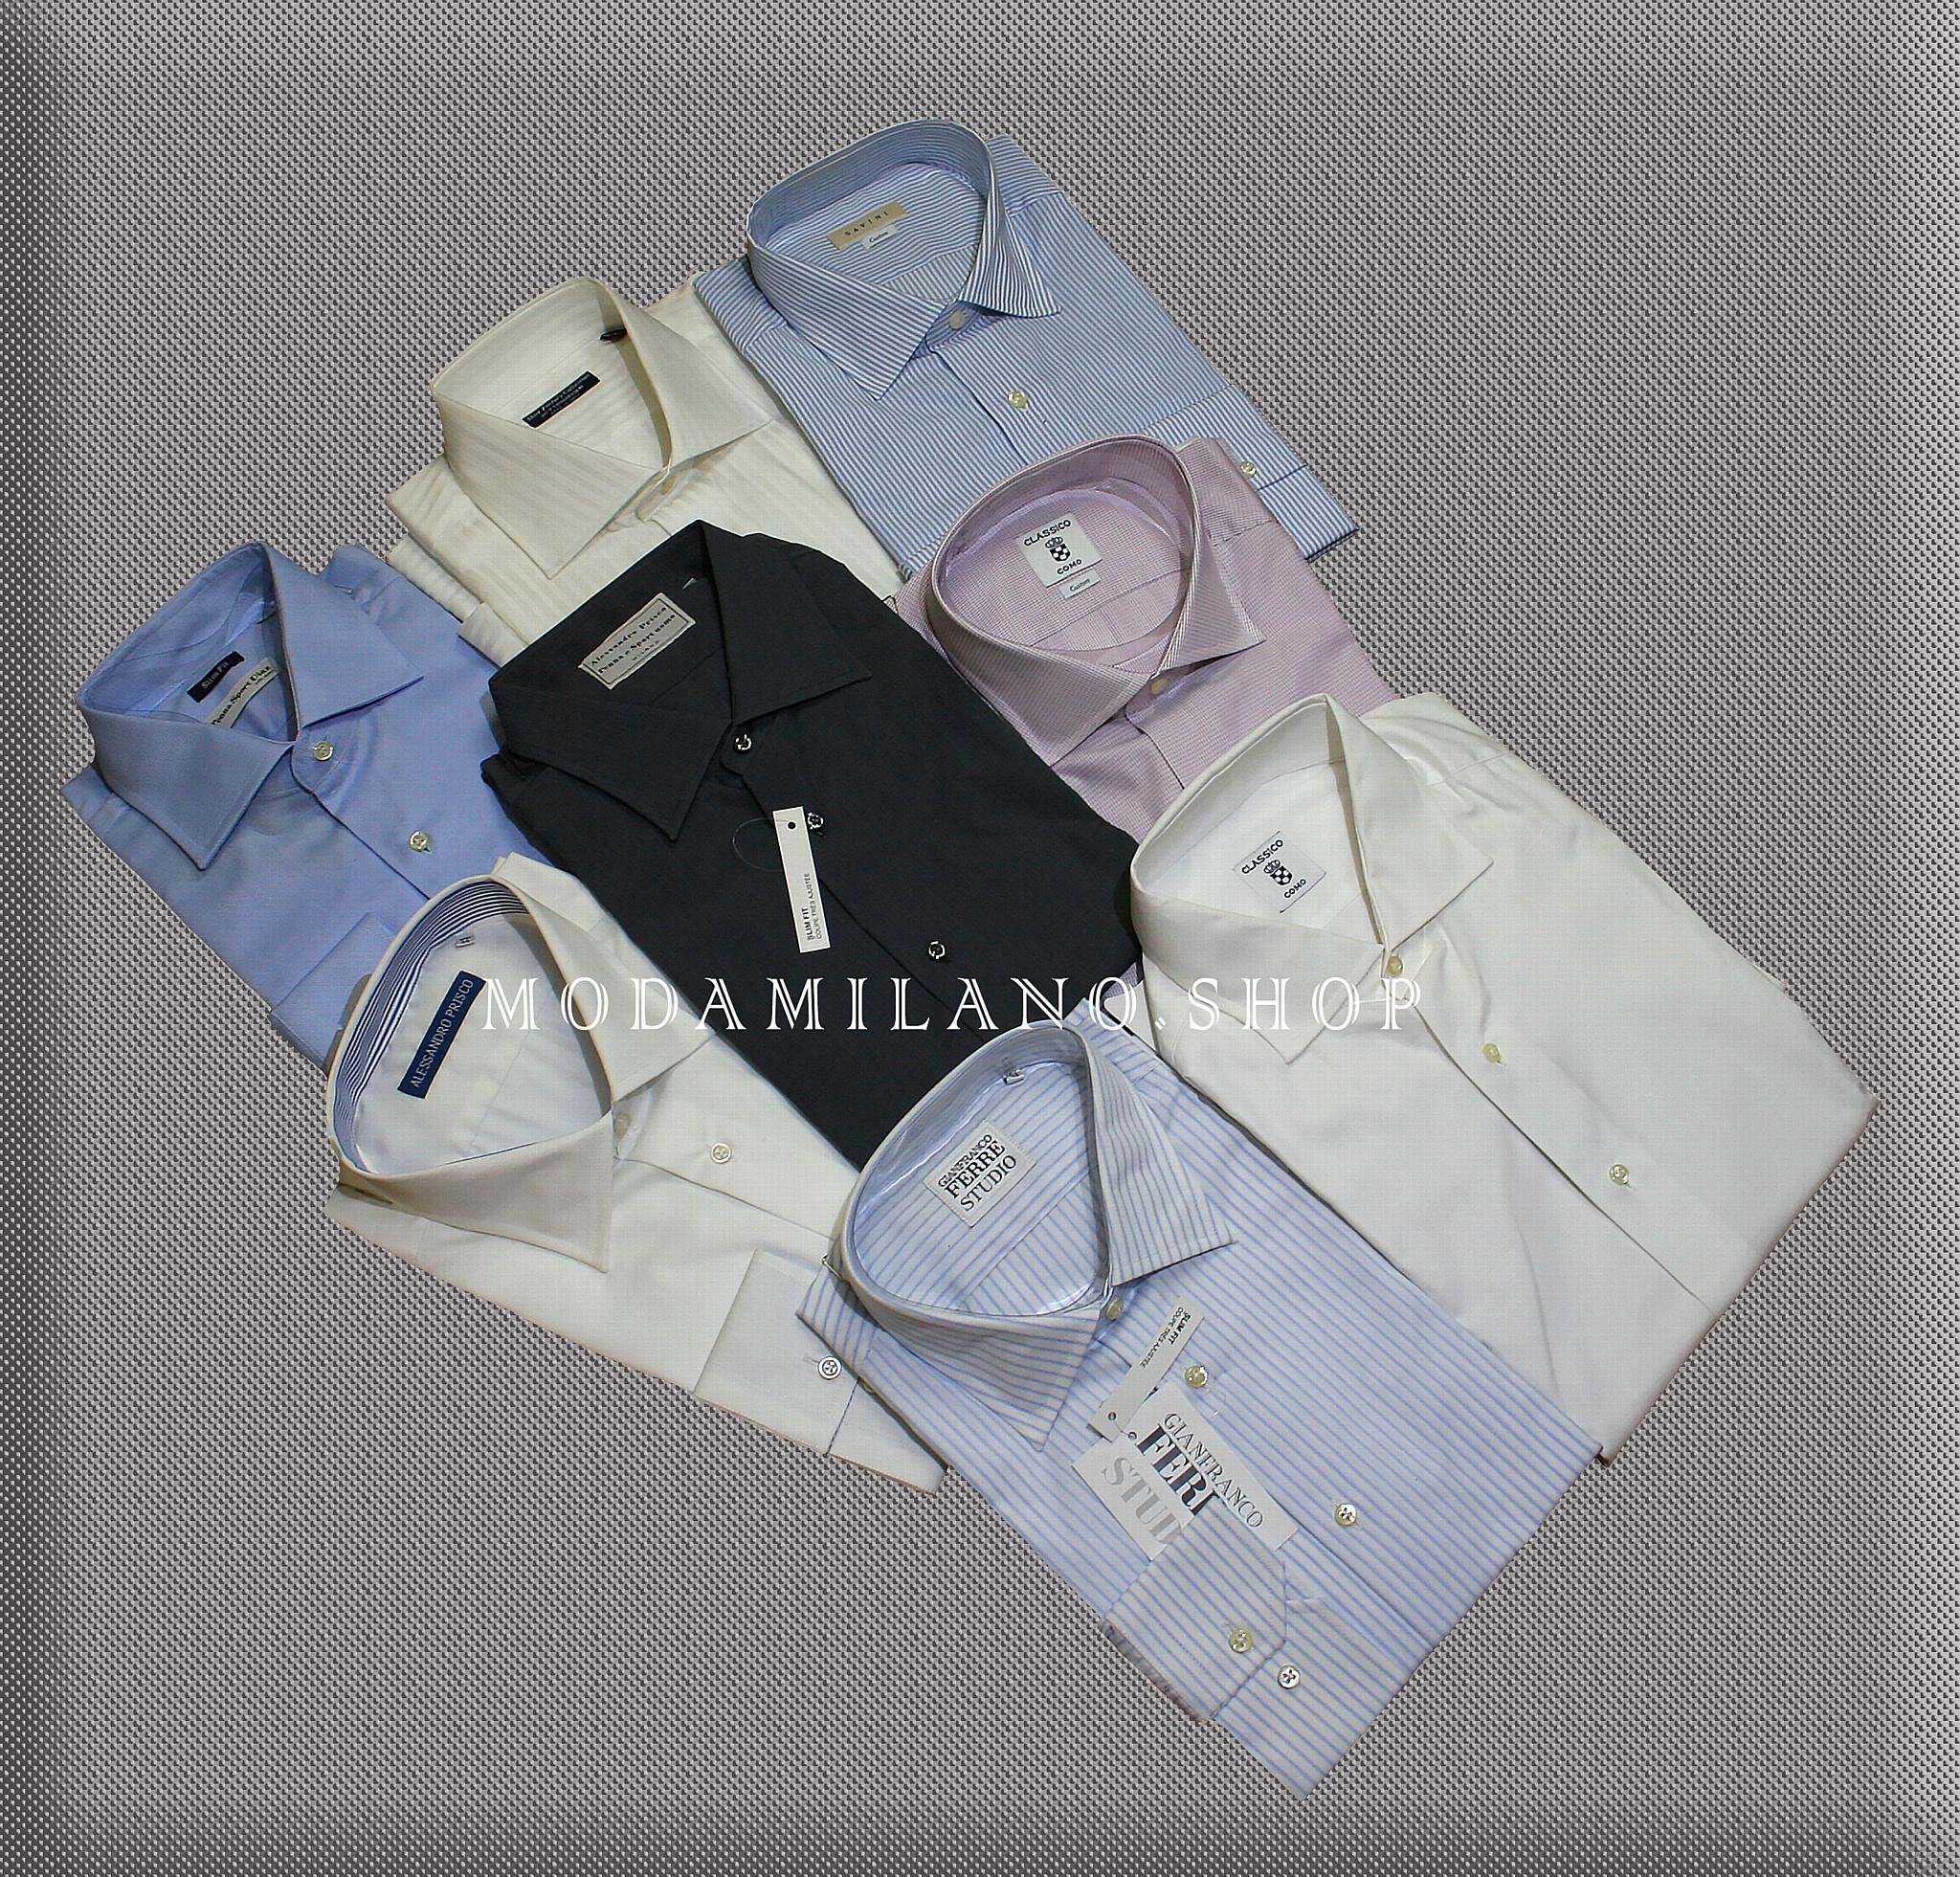 Одежда класса люкс из Италии. Оптовая и розничная продажа.